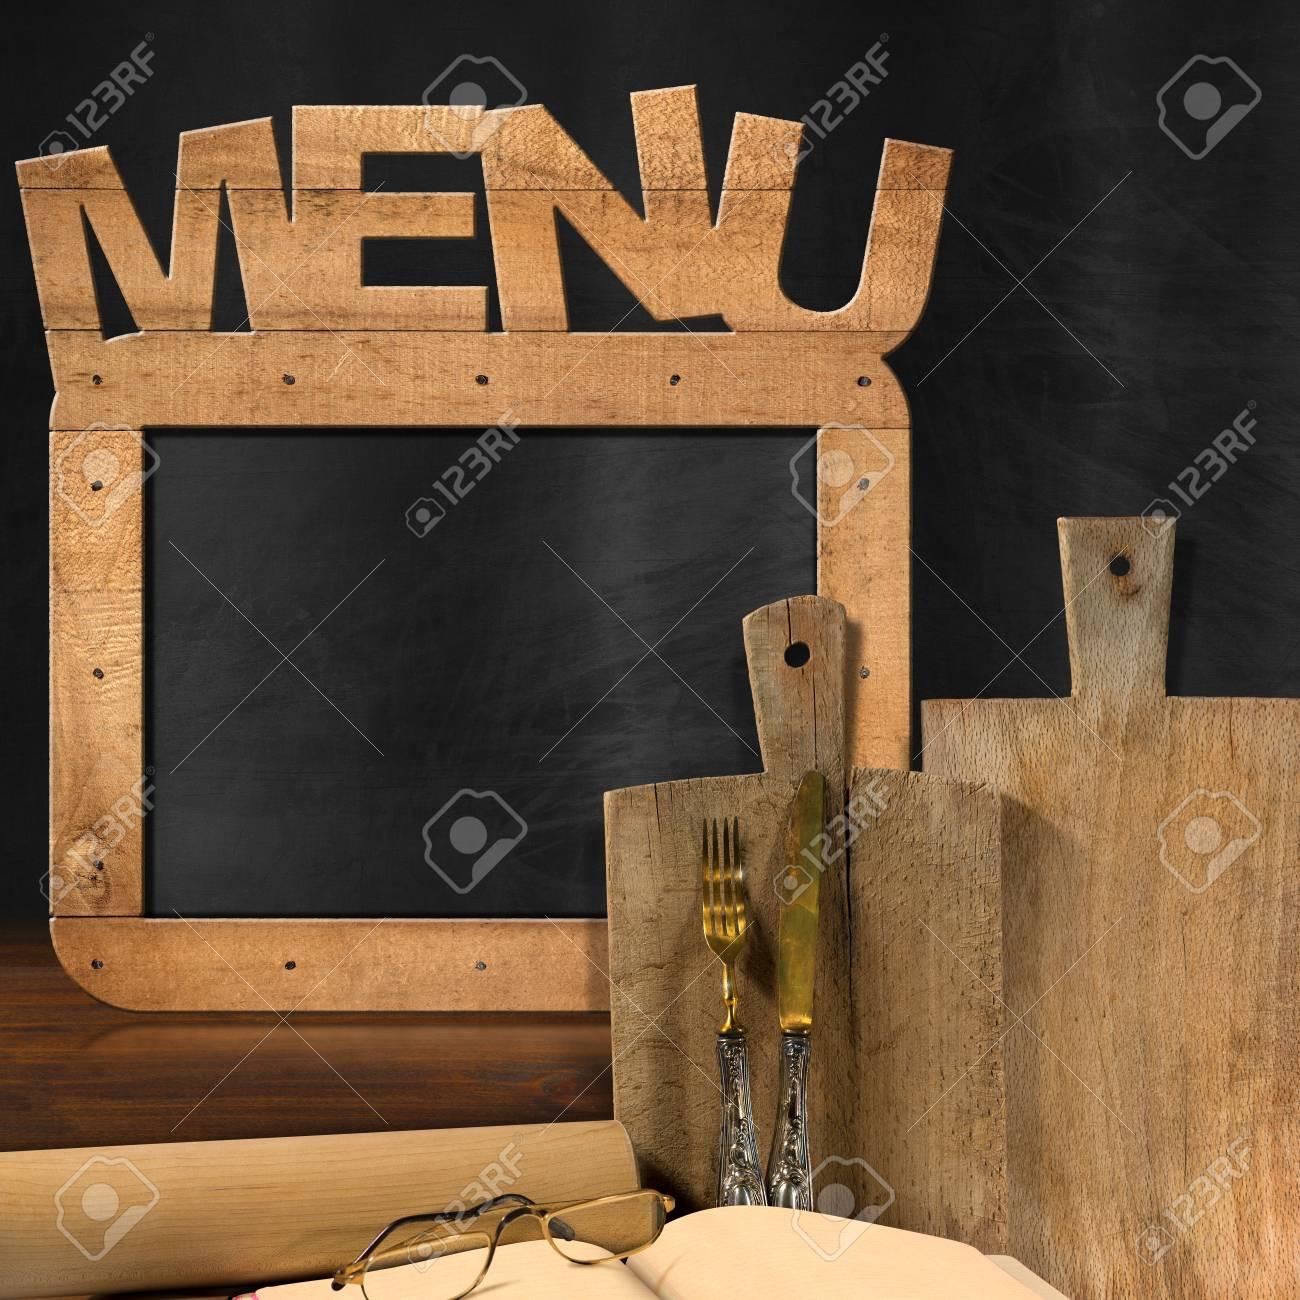 Pizarra Vacía Con Marco De Madera Y Menú De Texto En La Cocina Con ...